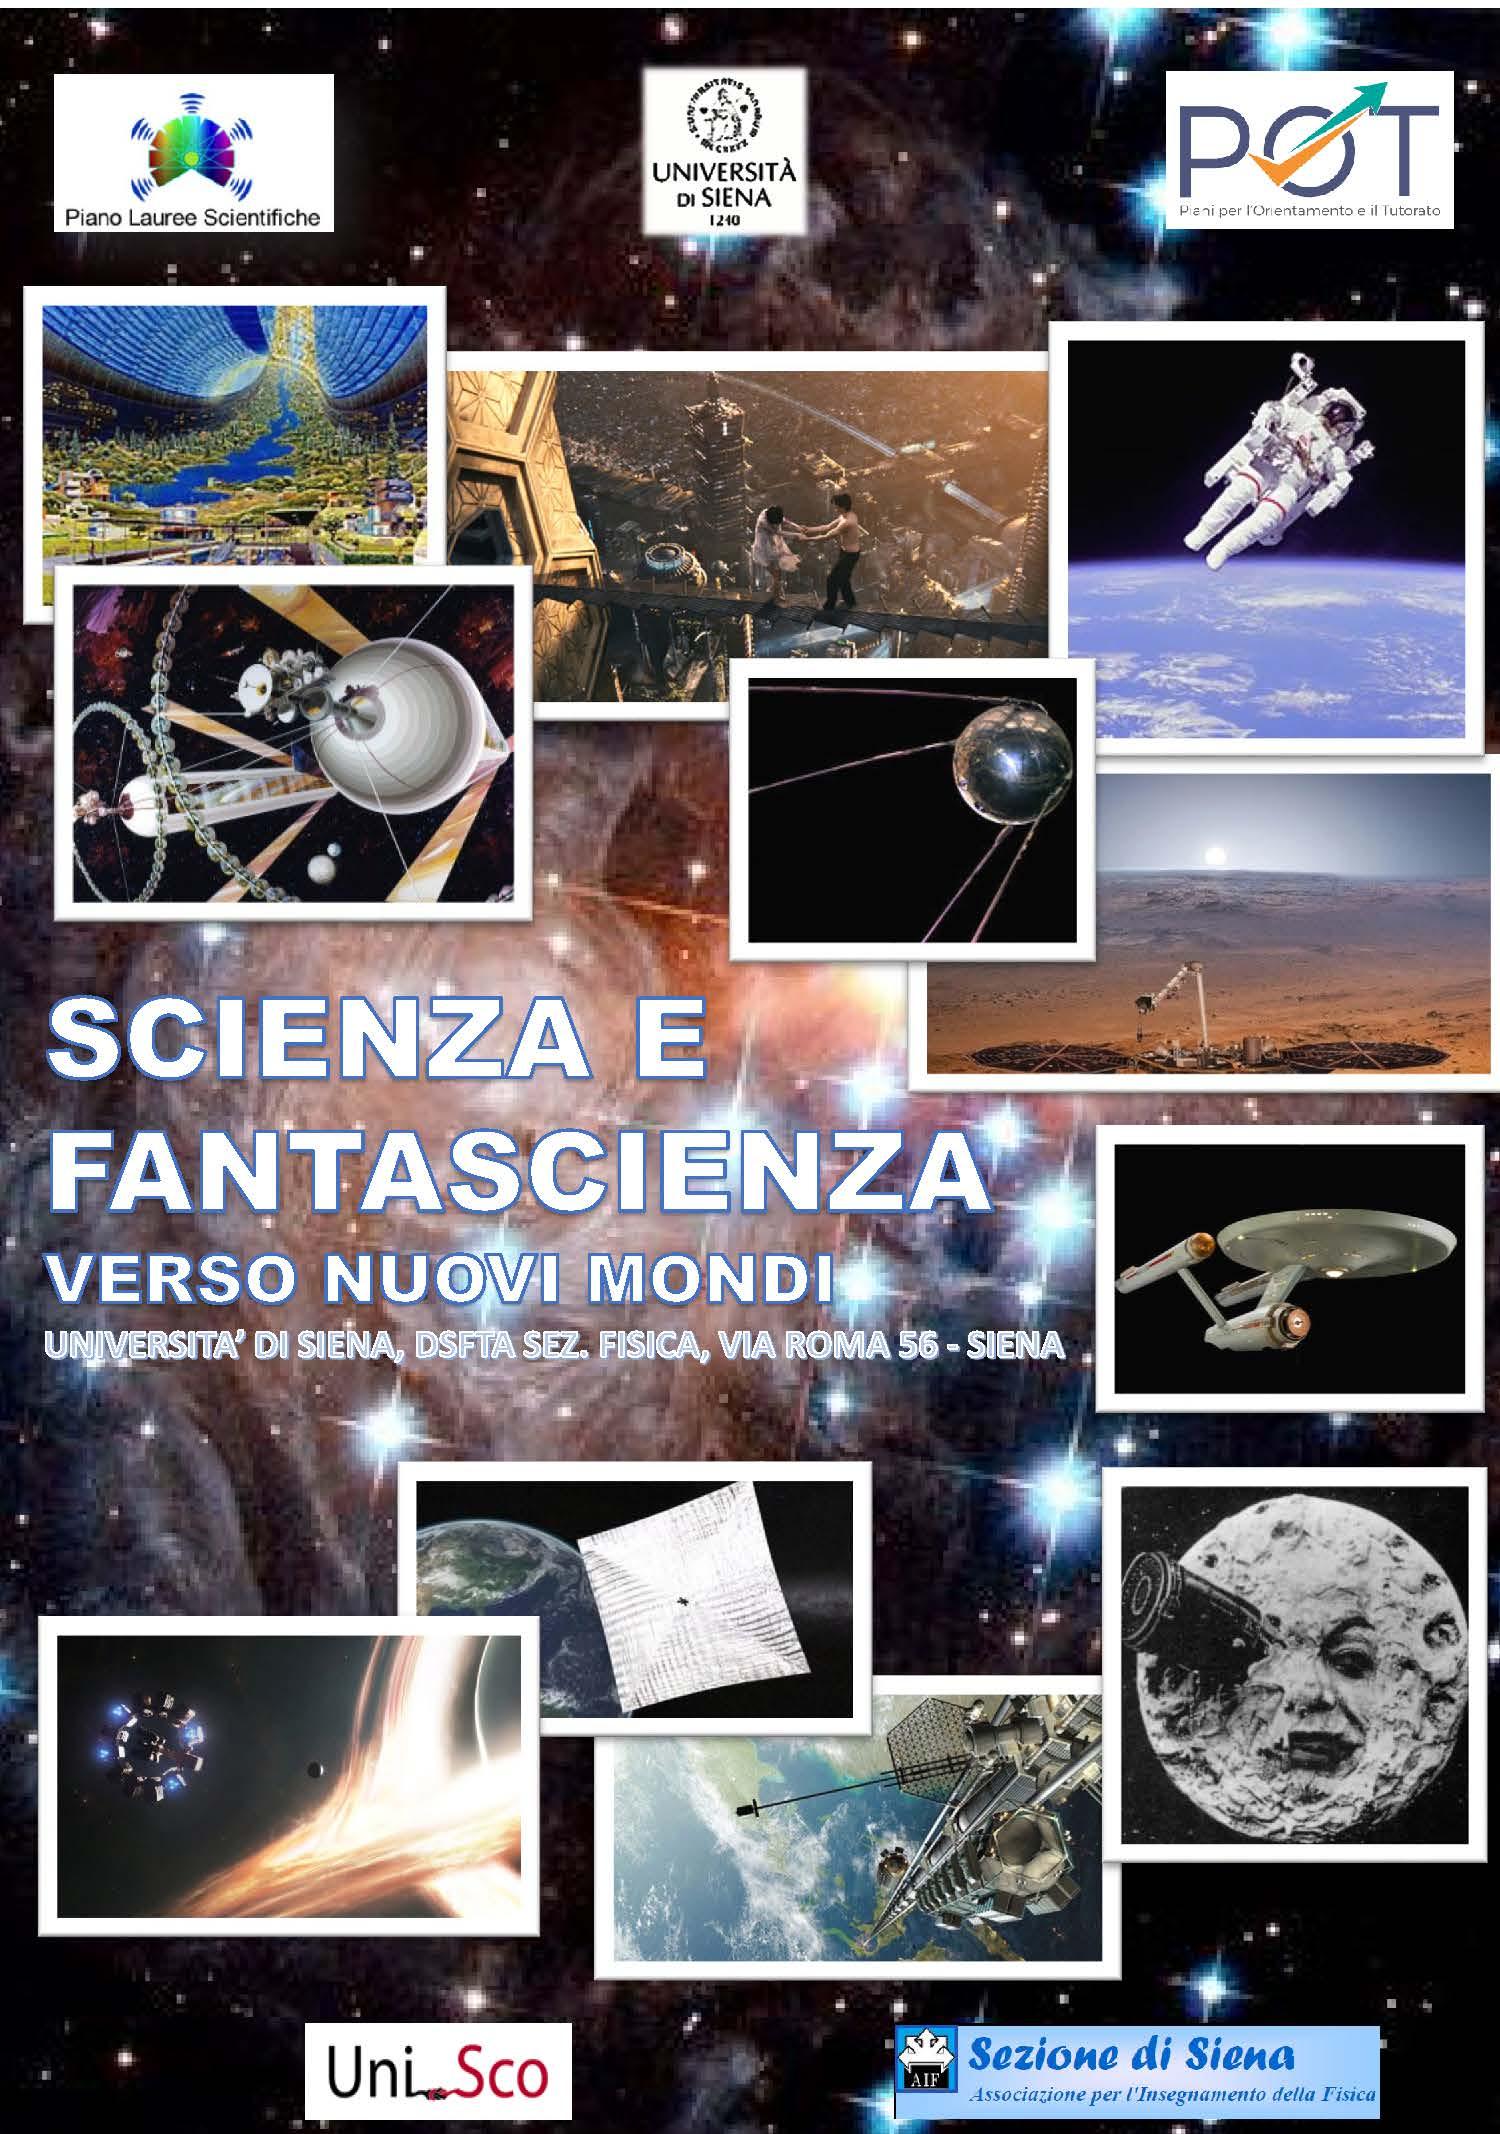 Scienza e Fantascienza: verso nuovi mondi